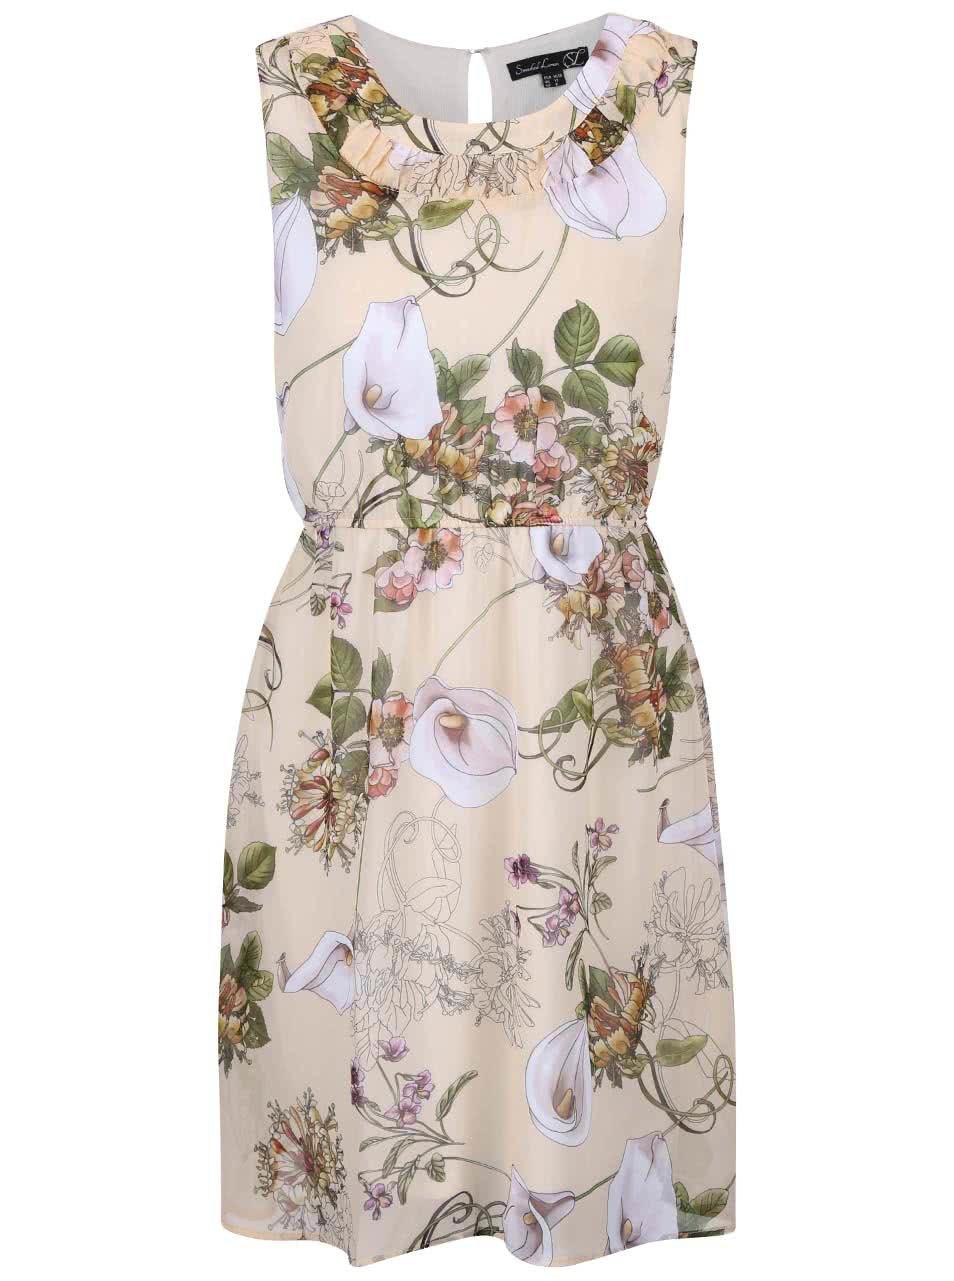 4a6a276fba06 Béžové kvetované šaty stiahnuté v páse Smashed Lemon ...